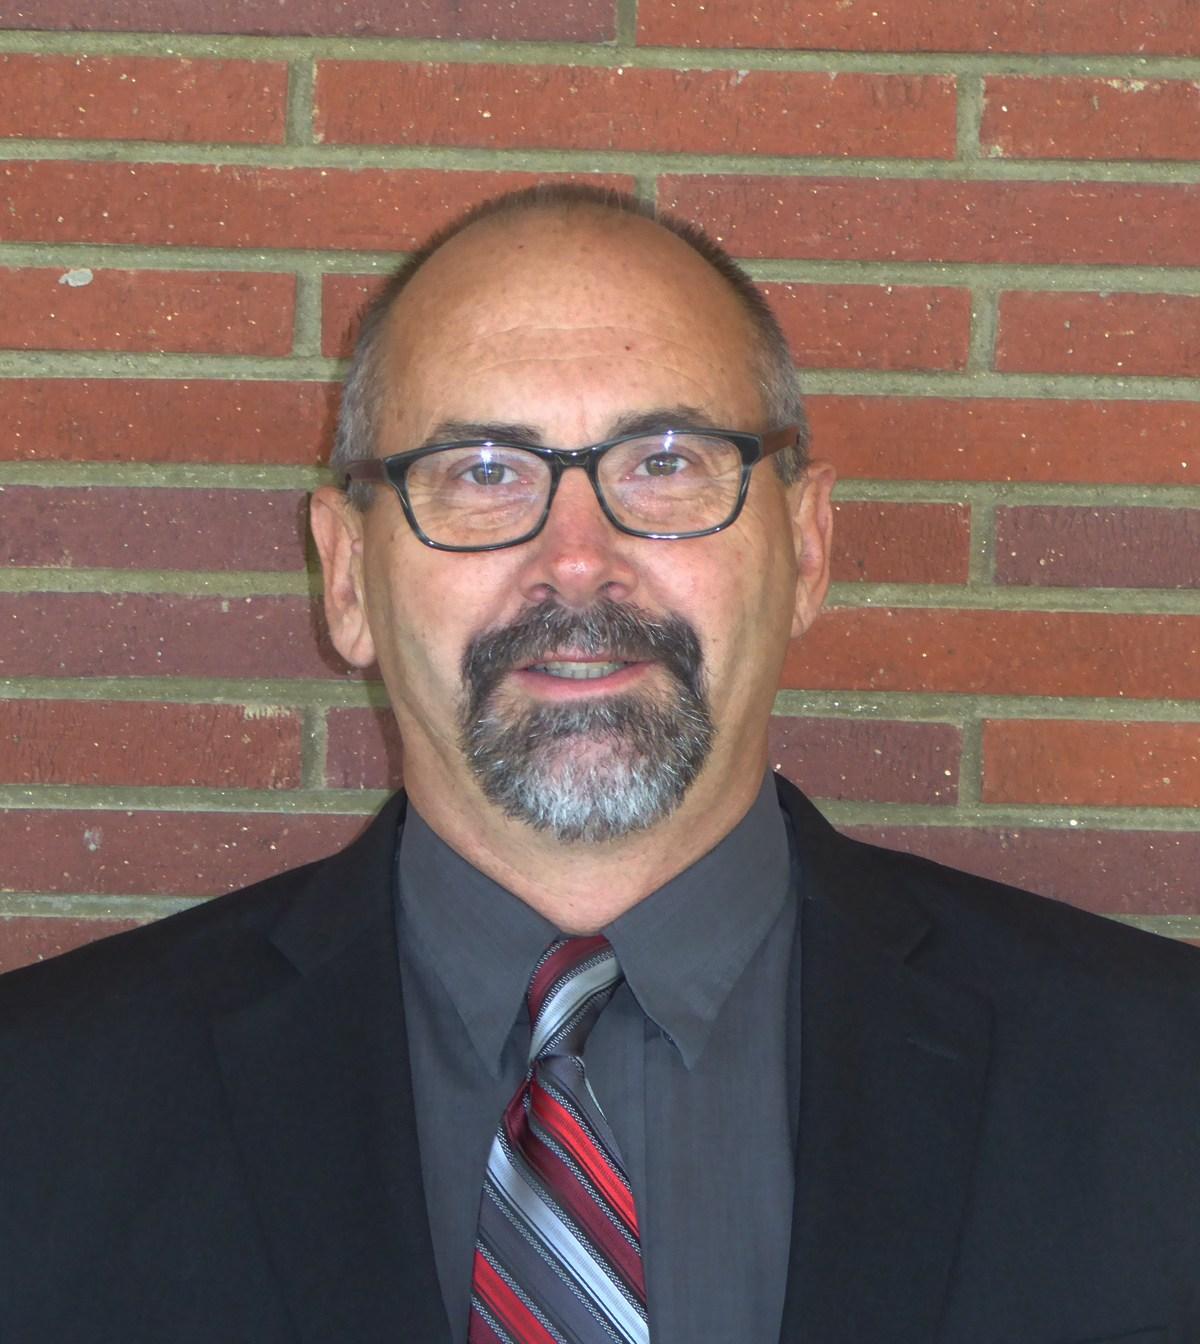 Principal Ed Watts